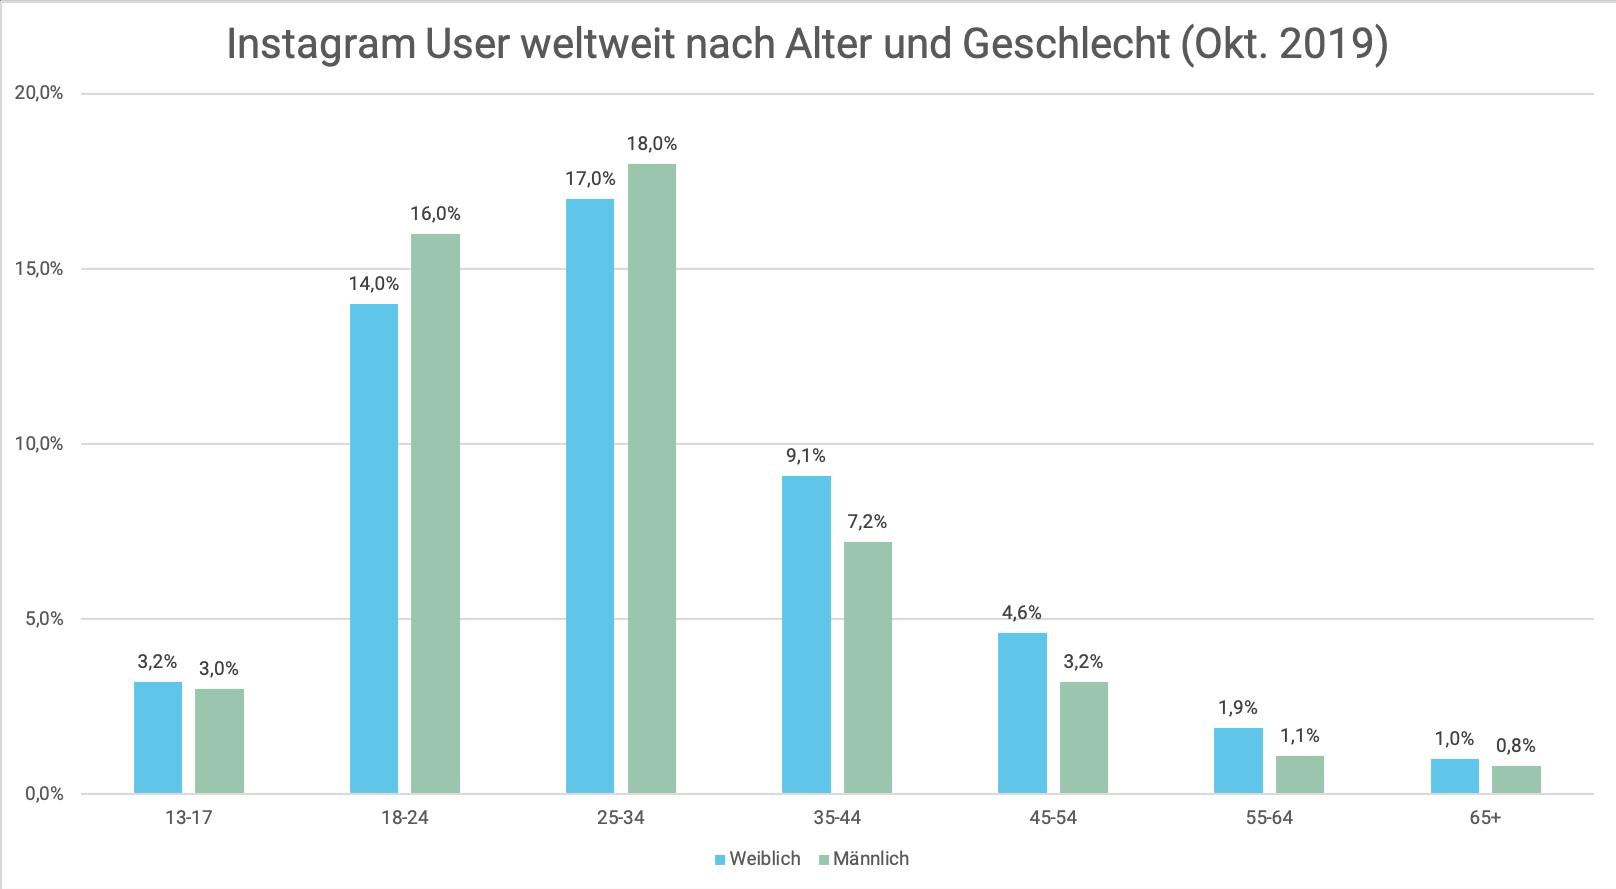 Instagram%20User%20weltweit%20nach%20Alter%20und%20Geschlecht